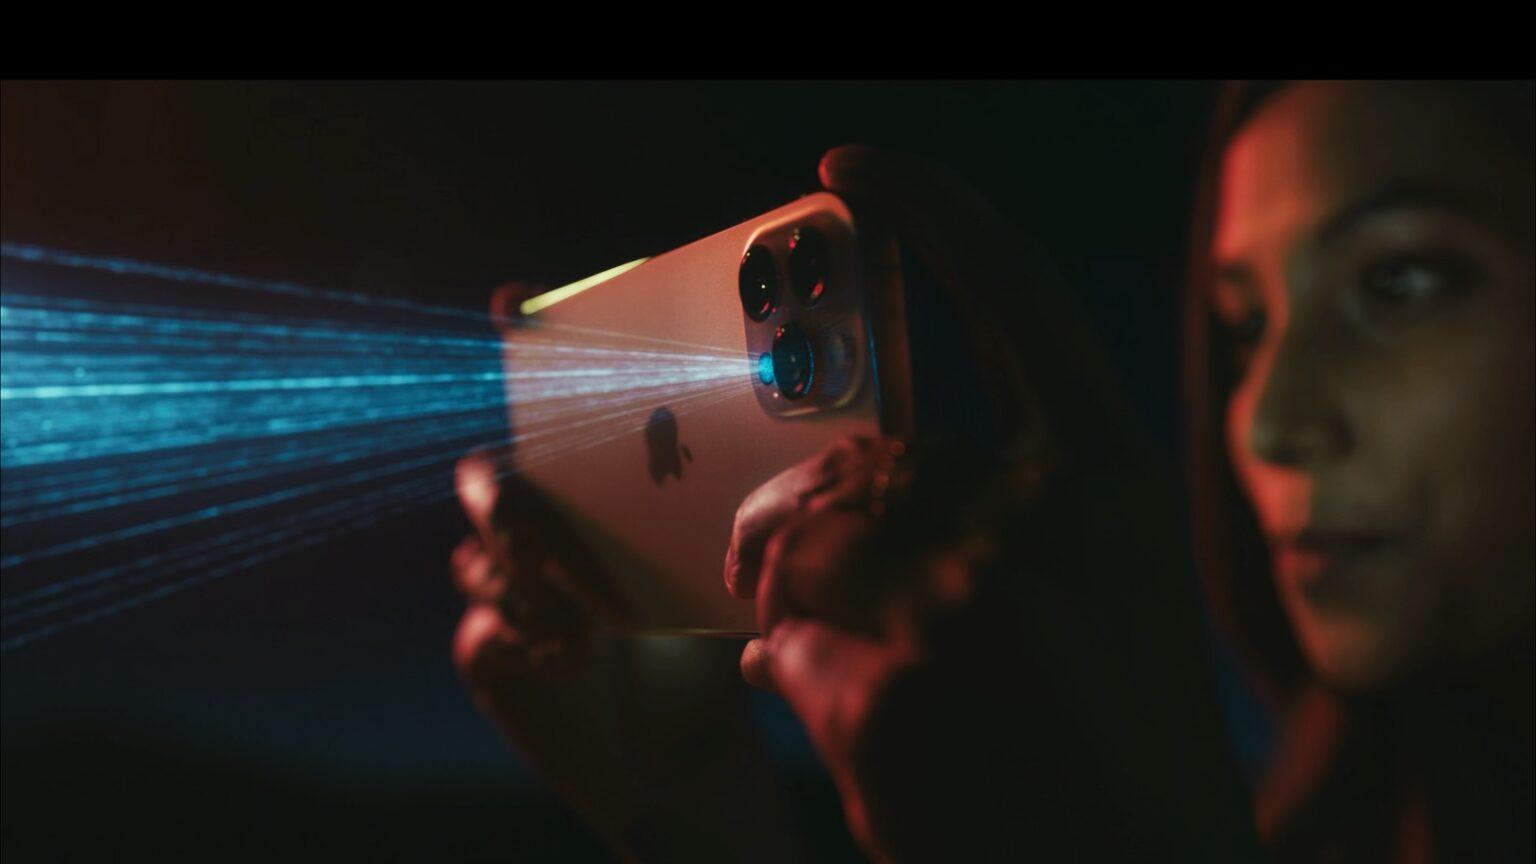 苹果iPhone 12 Pro中的激光雷达扫描仪